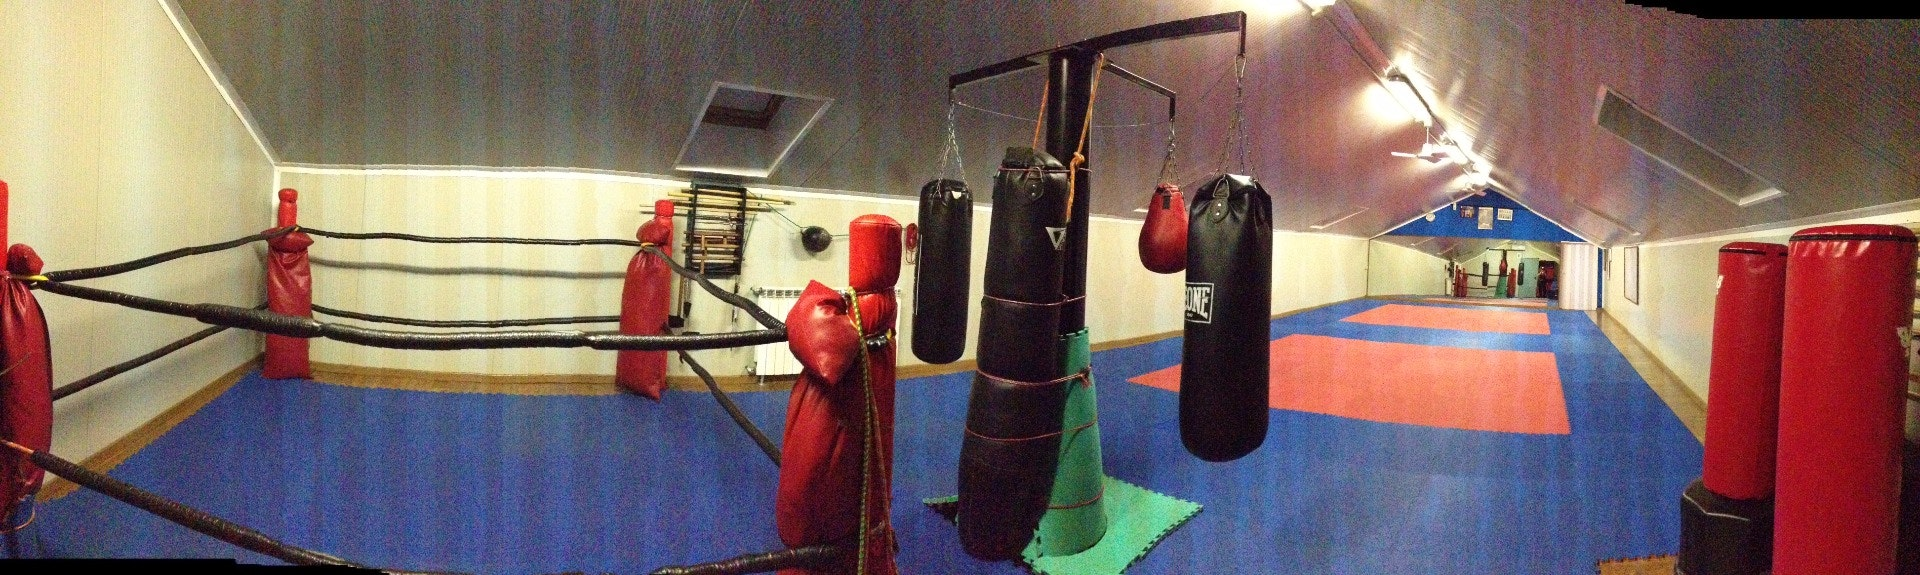 Foto 6 Offerta Gymnasium Belotti Bovisio Masciago {2}